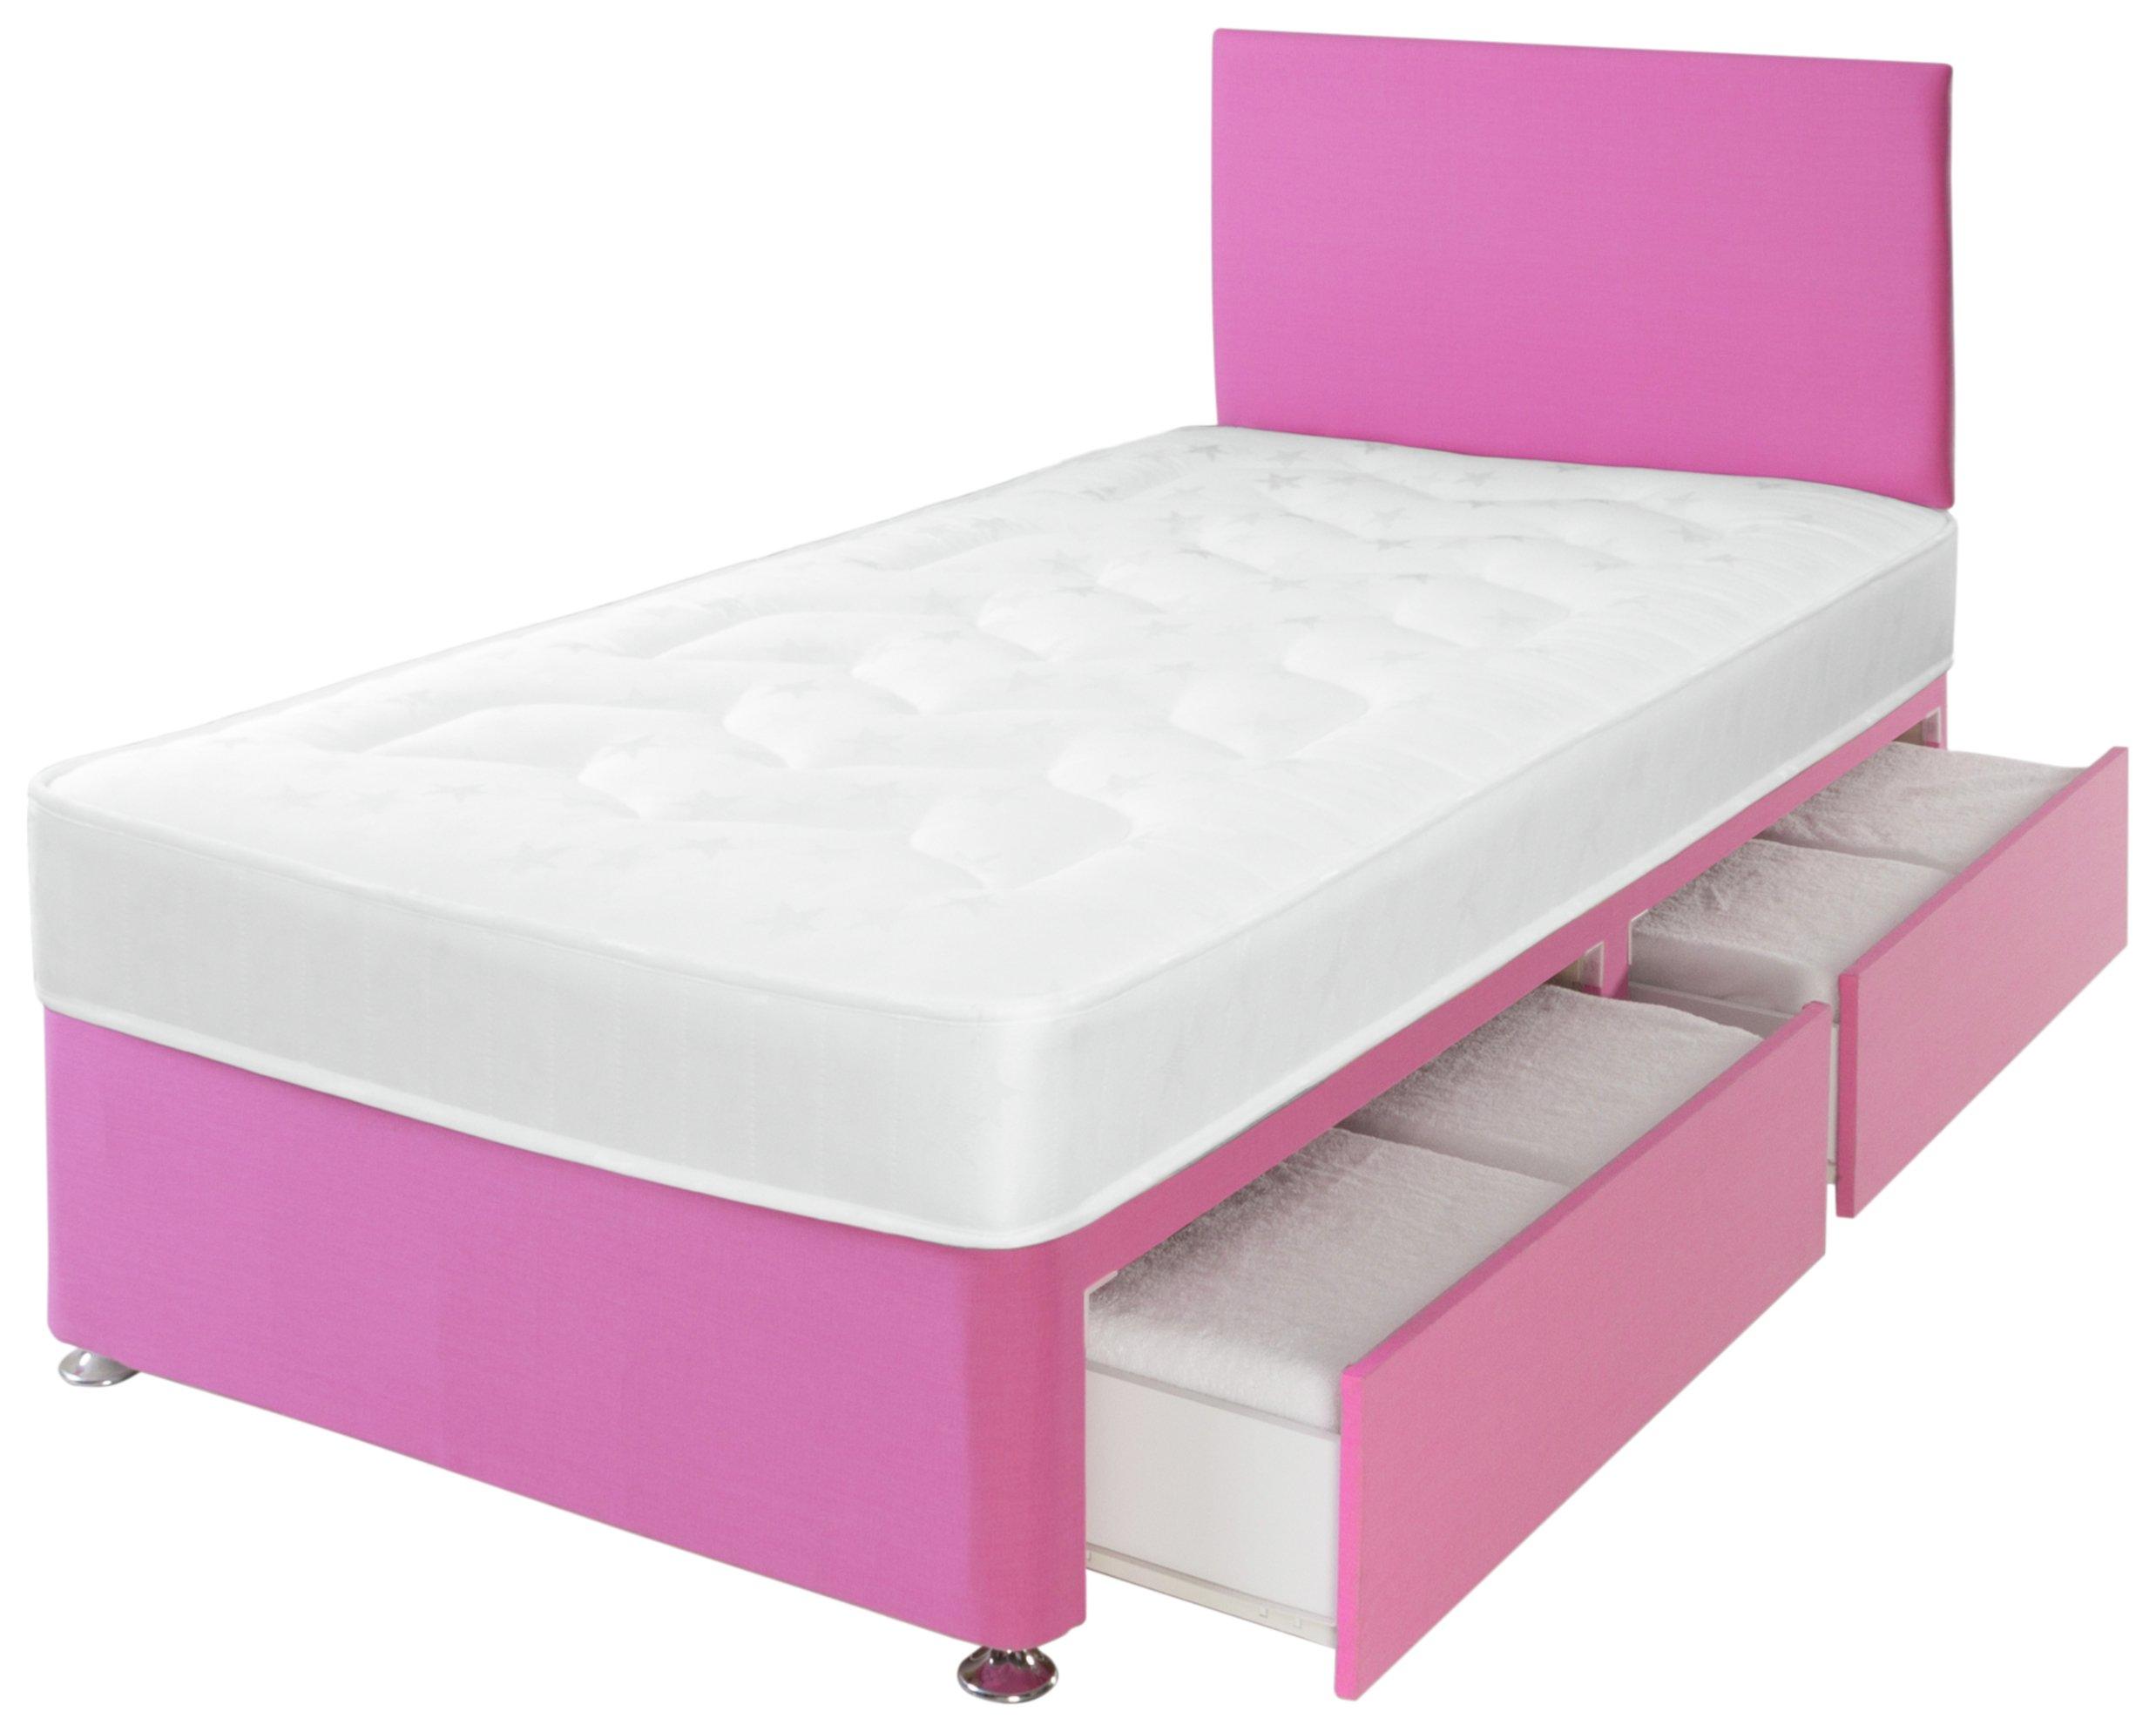 Airsprung Elliott Pink Storage Divan with Headboard